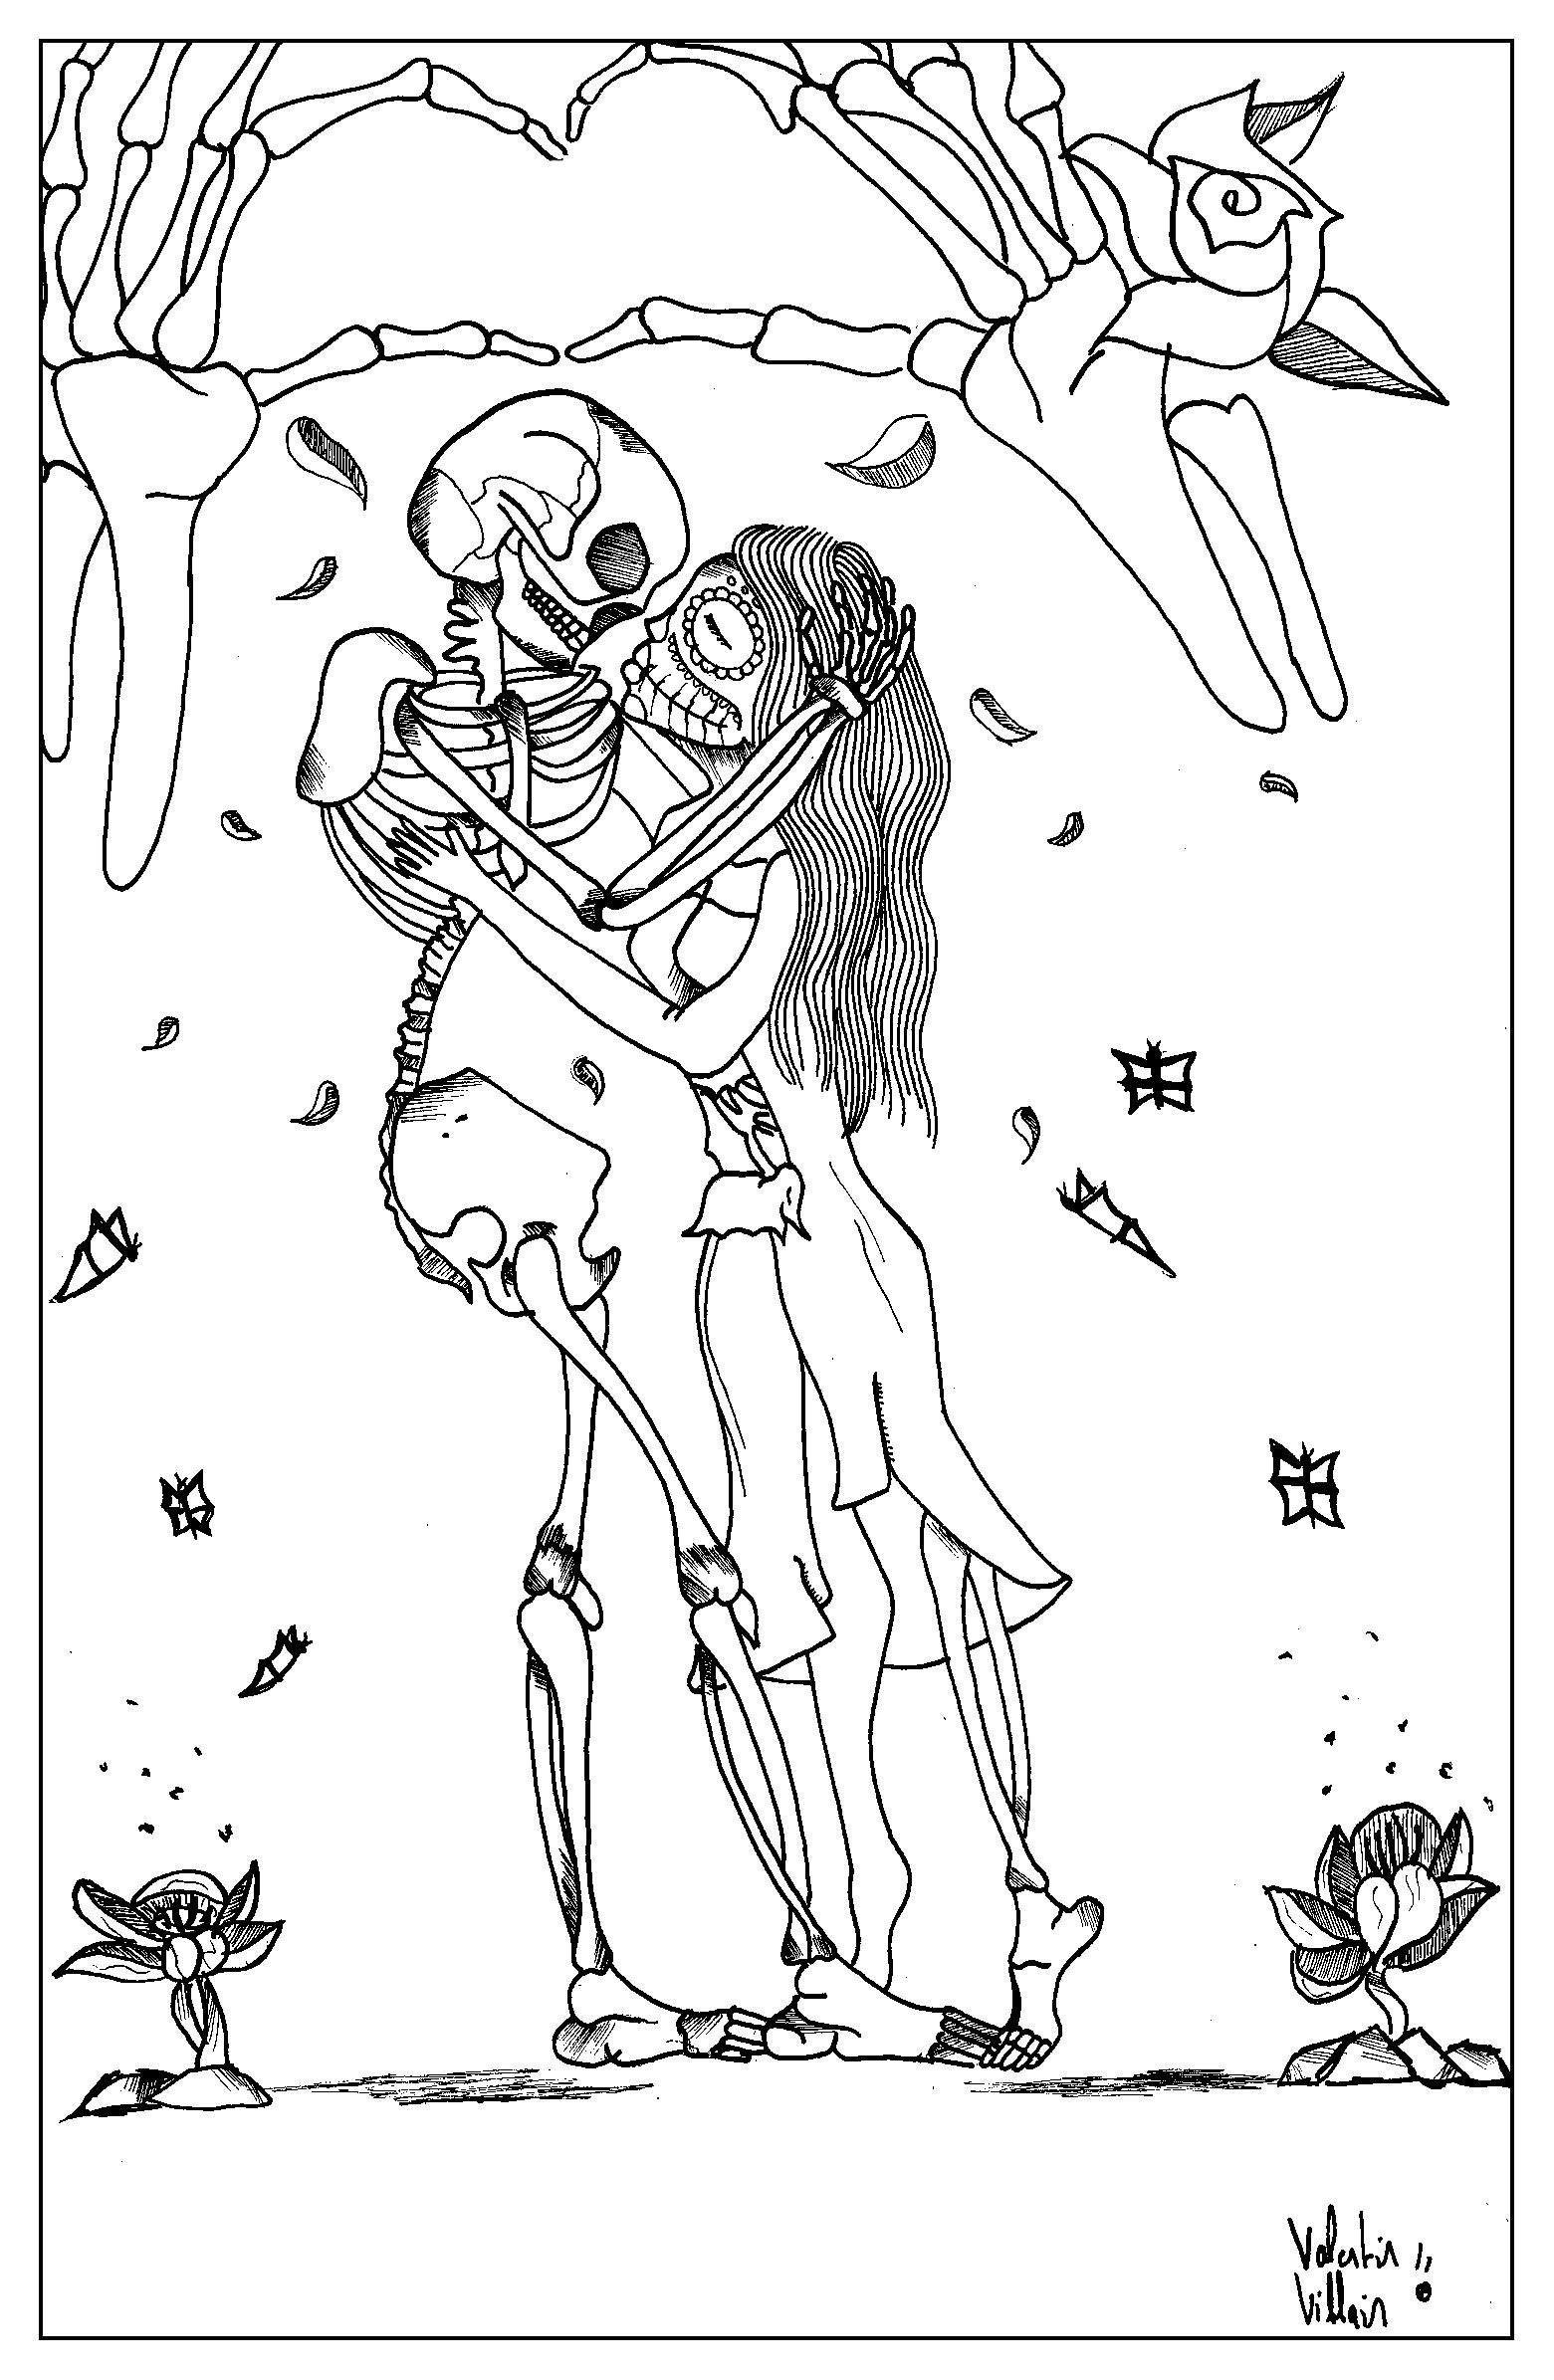 Un coloriage pour la Saint-Valentin au style bien particulier